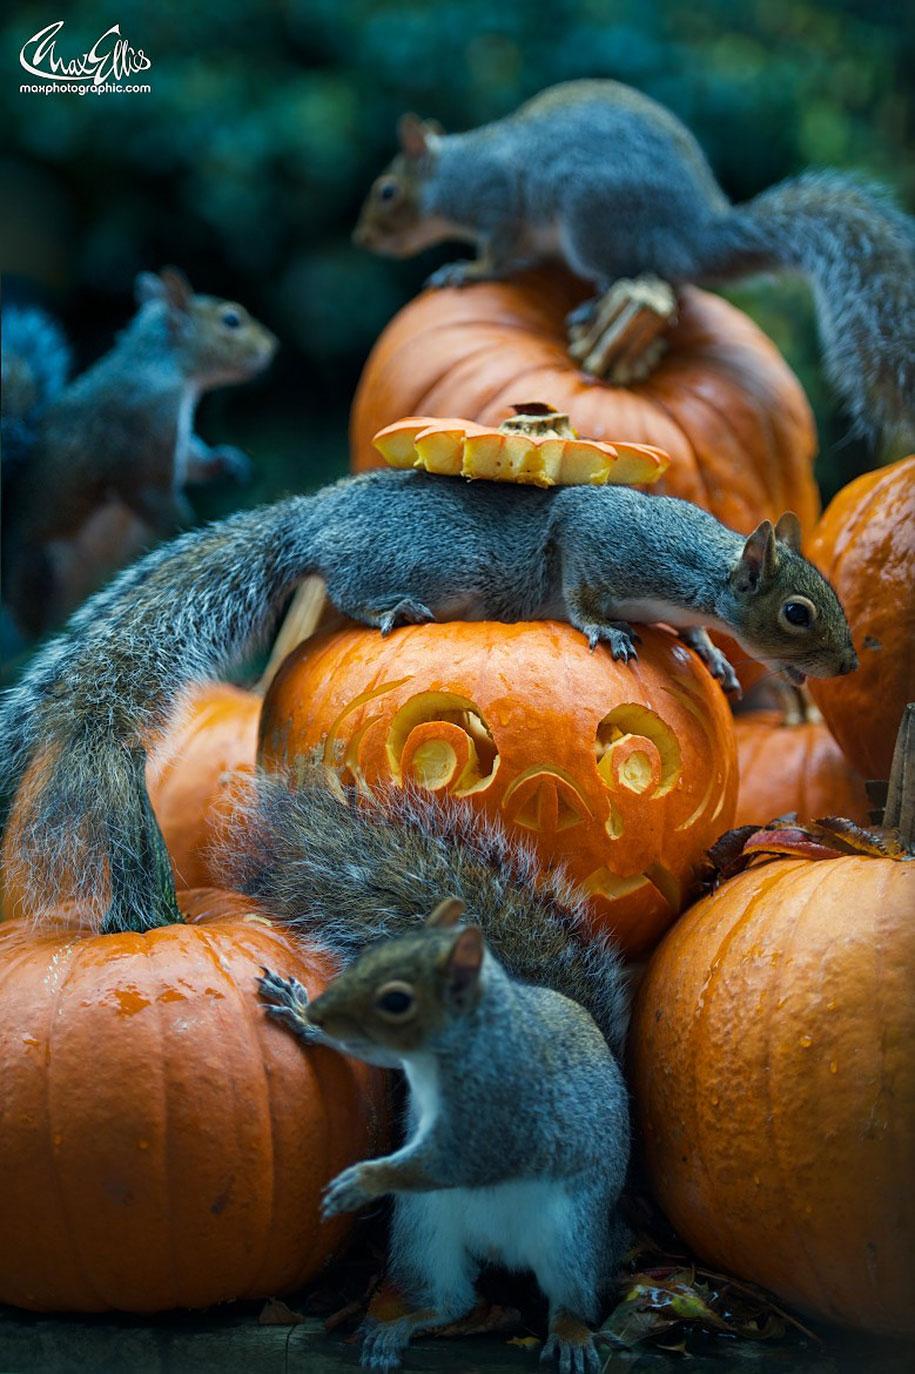 squirrel-pumpkin-funny-photography-max-ellis-5